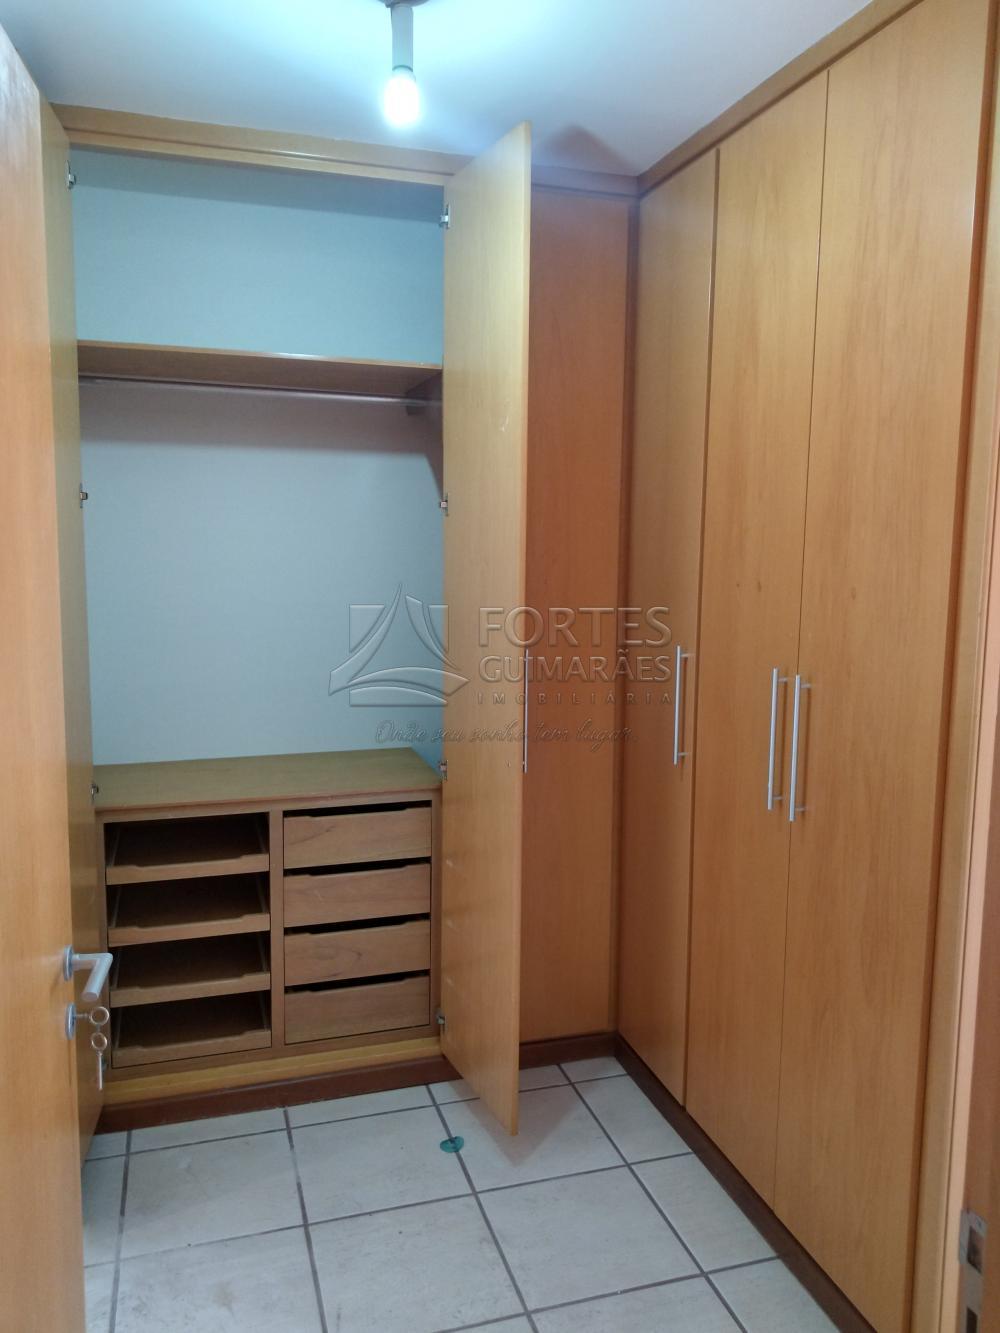 Alugar Apartamentos / Padrão em Ribeirão Preto apenas R$ 1.600,00 - Foto 57